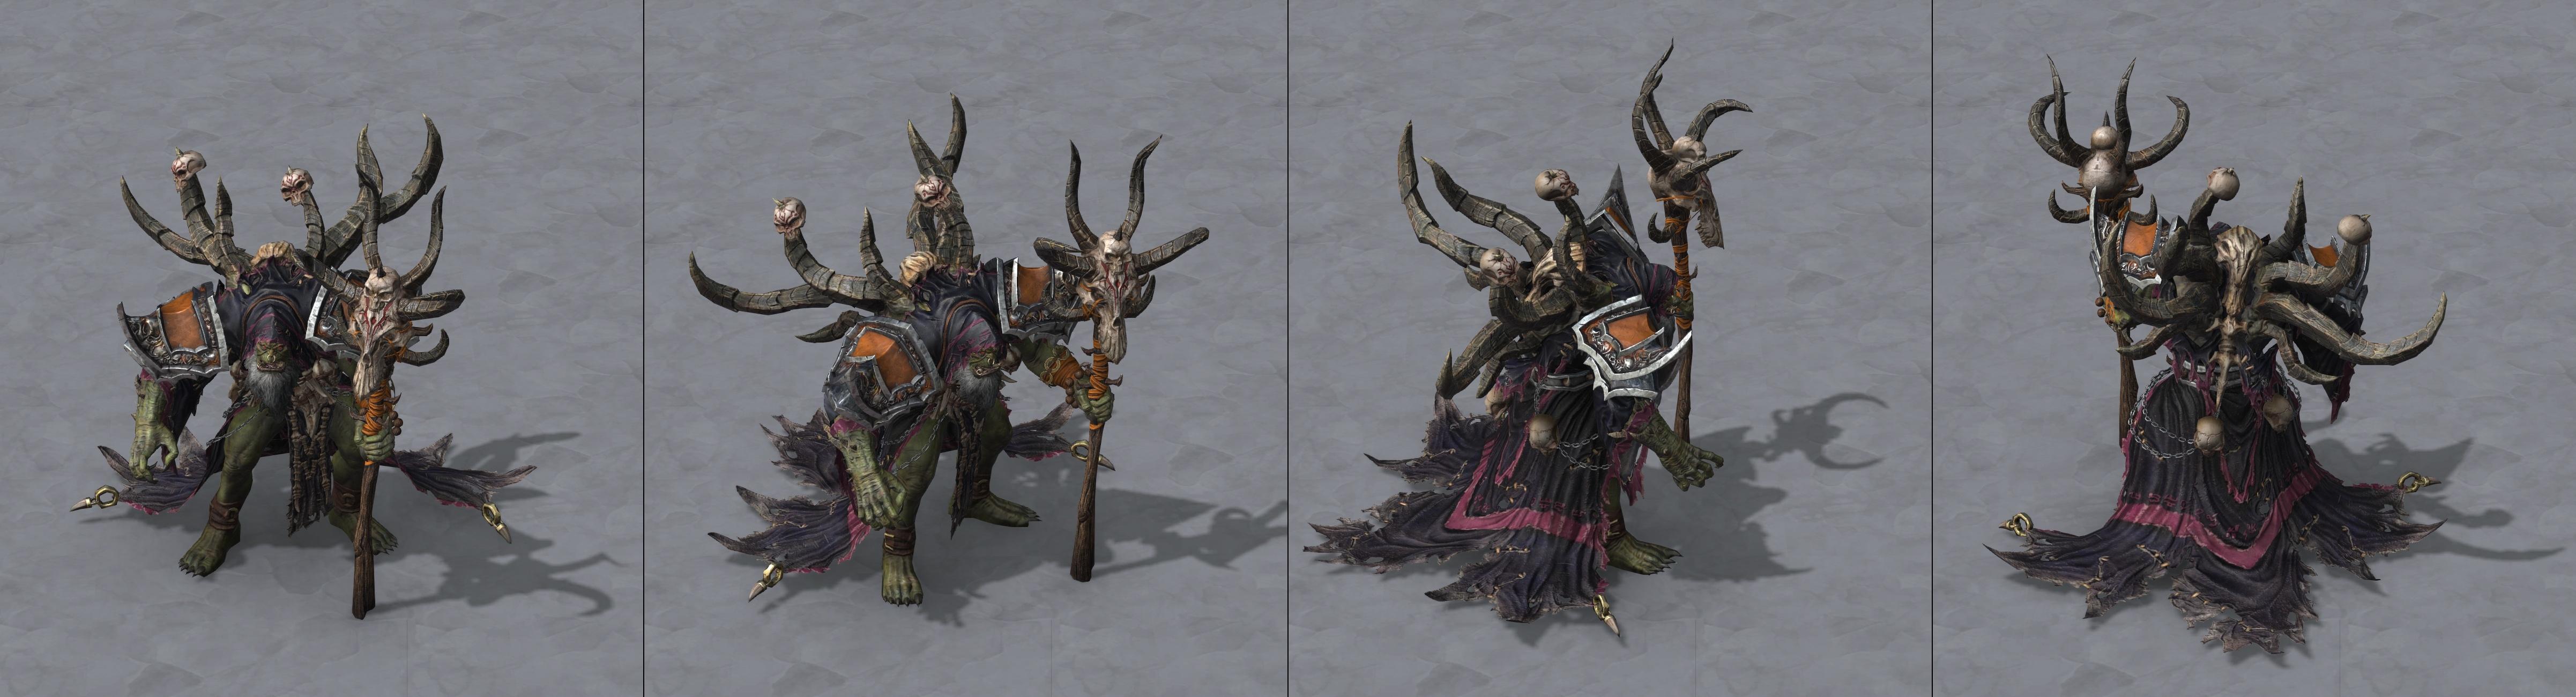 Утечка: озвучка и модели Сильваны, Артаса, Джайны и других персонажей Wacraft III: Reforged 4